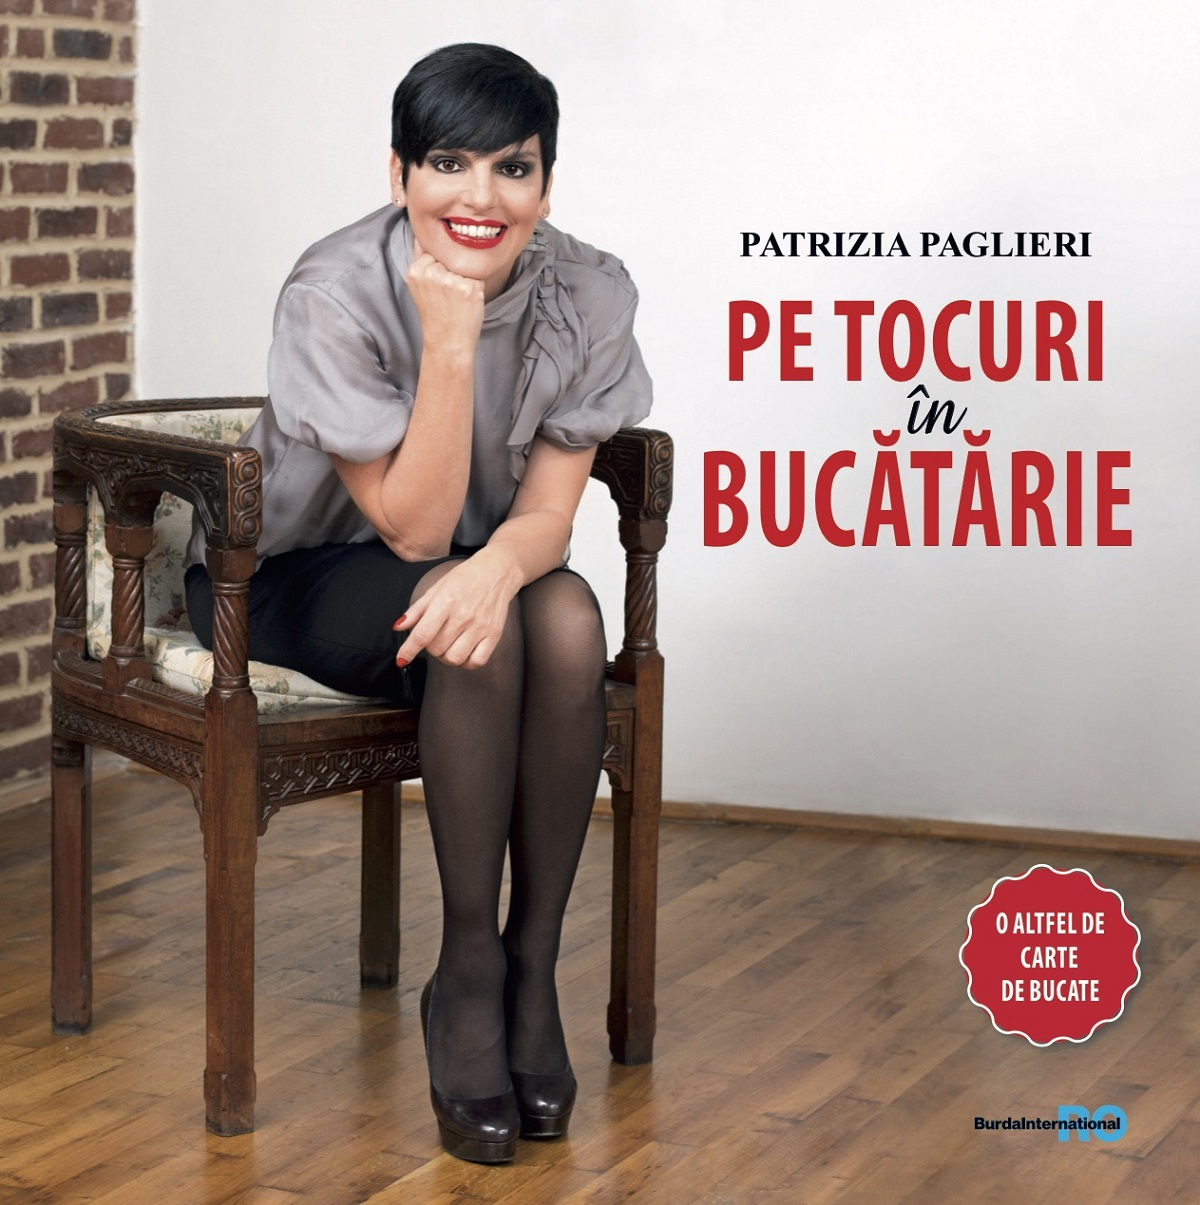 cărți de bucate bucătari români Patrizia Paglieri